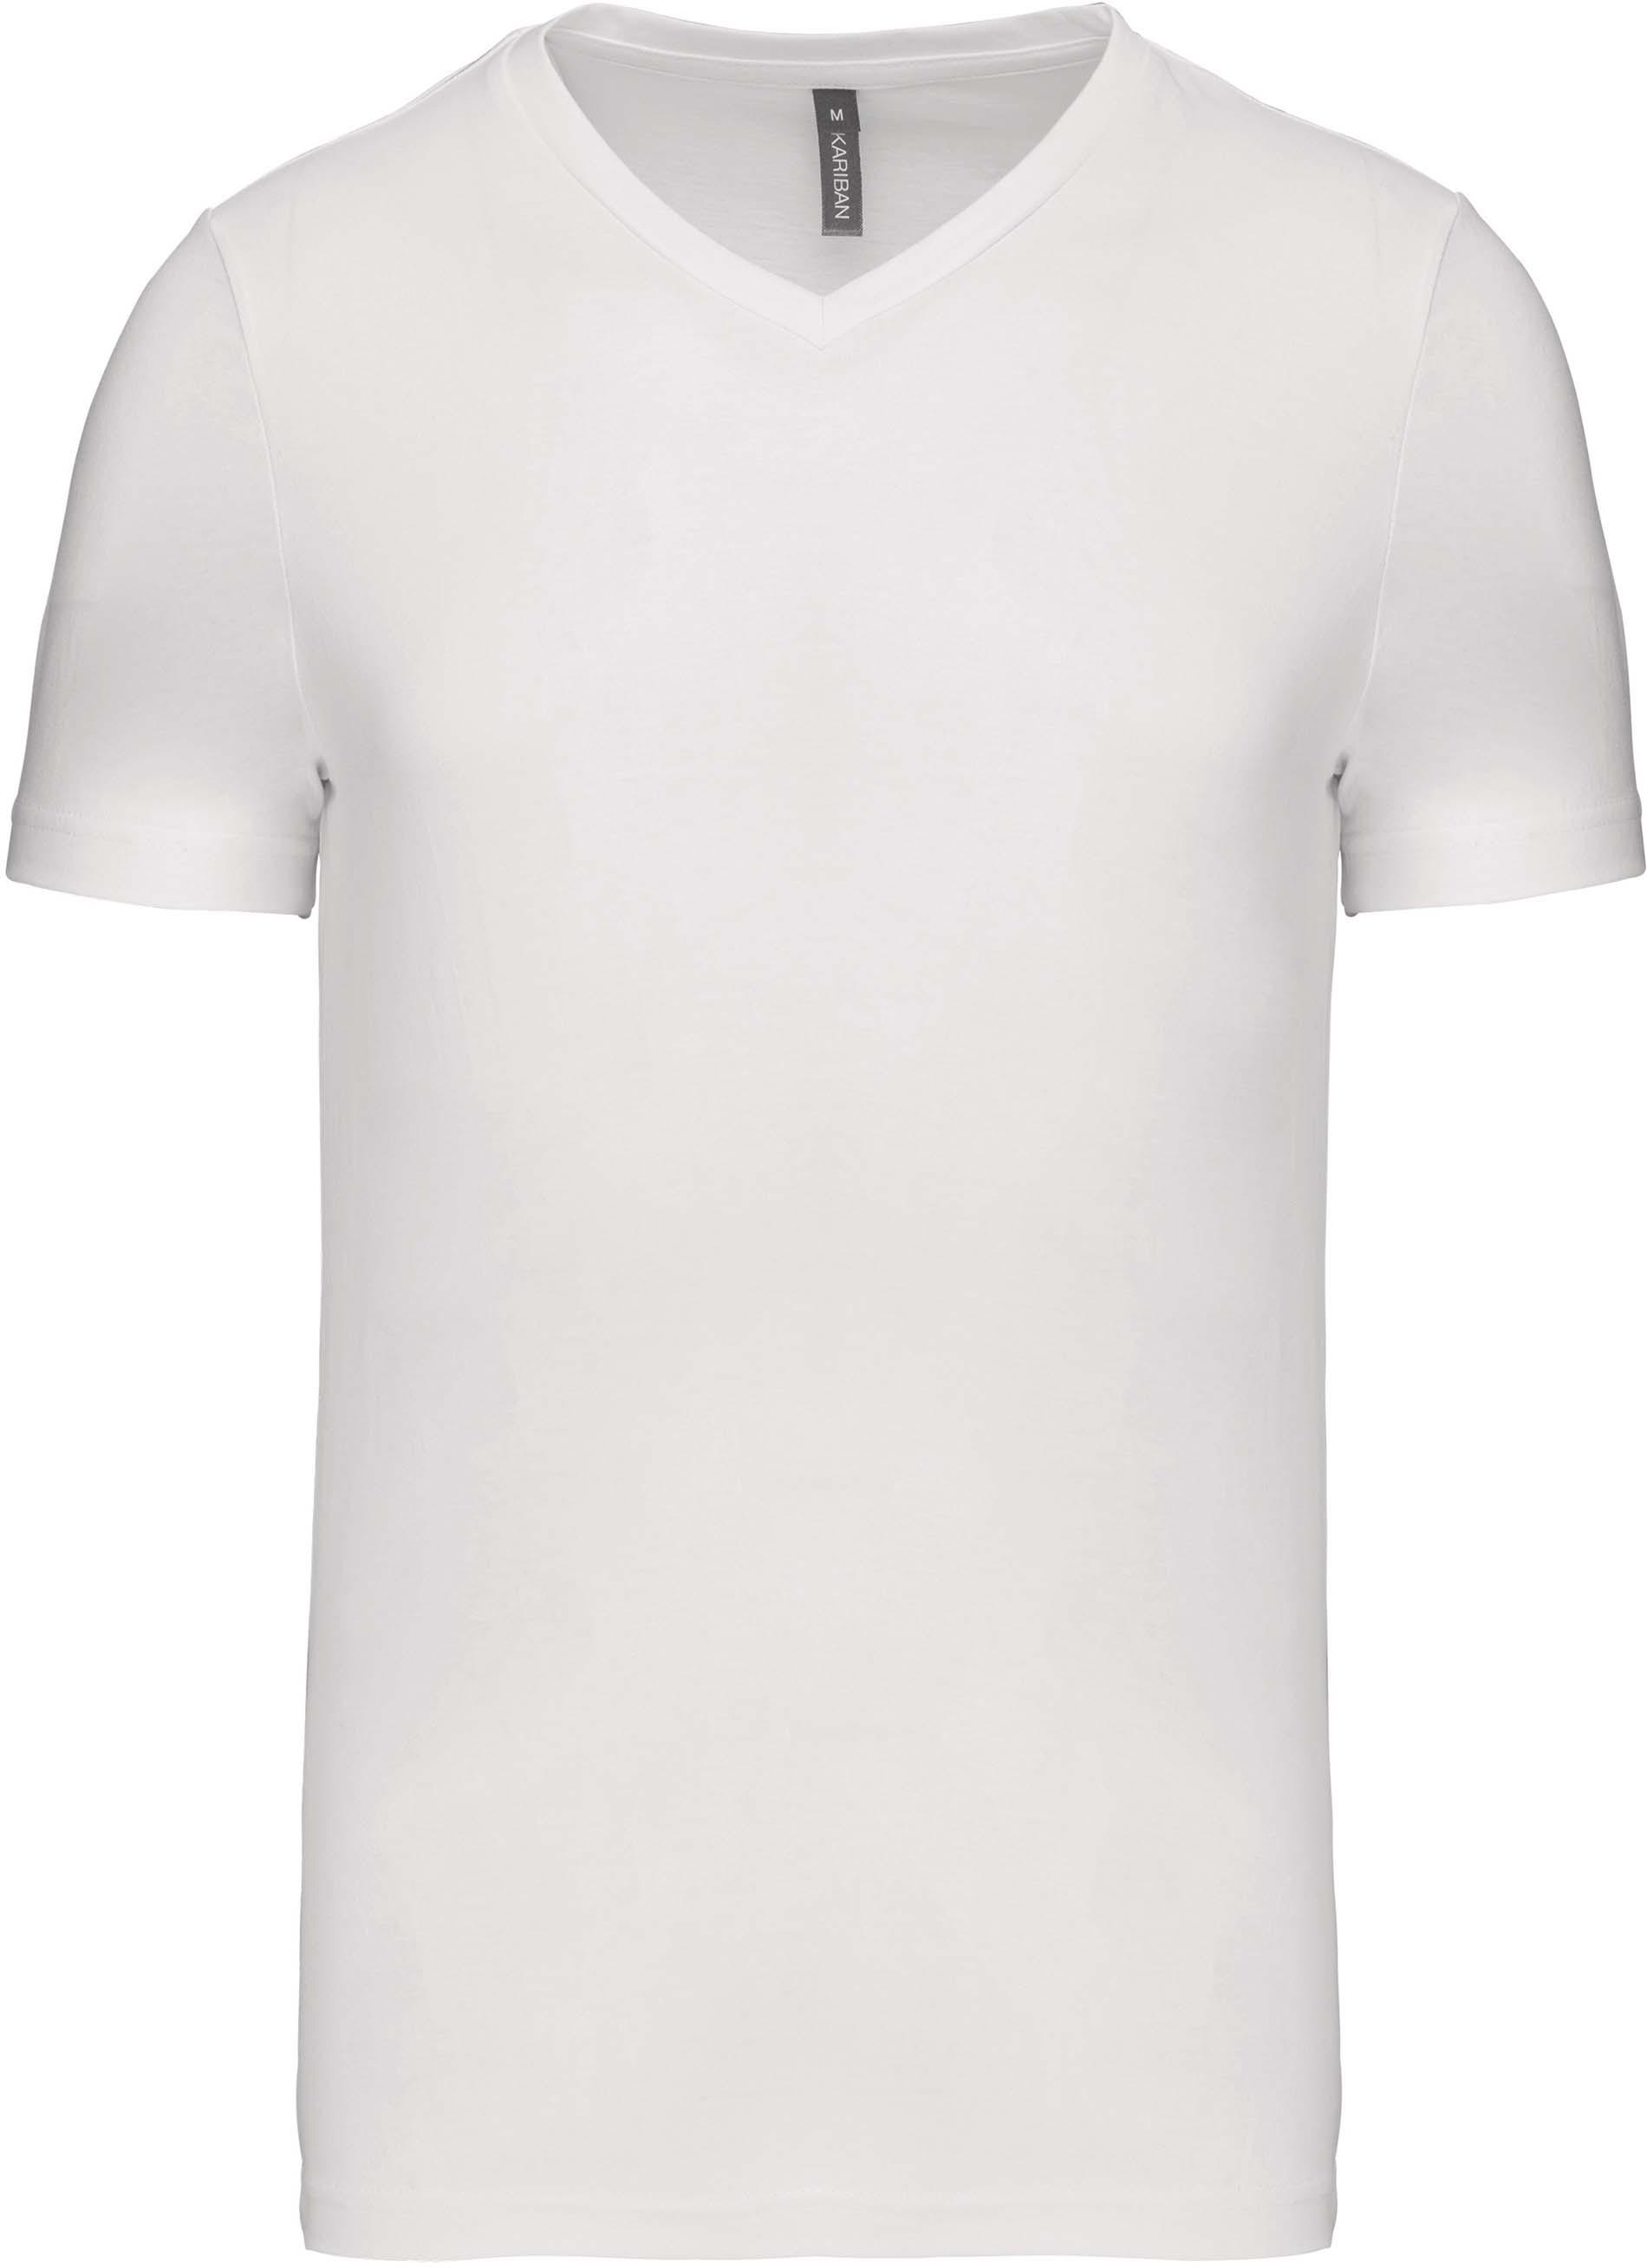 Pánské tričko kr.rukáv V-neck. Barva: White